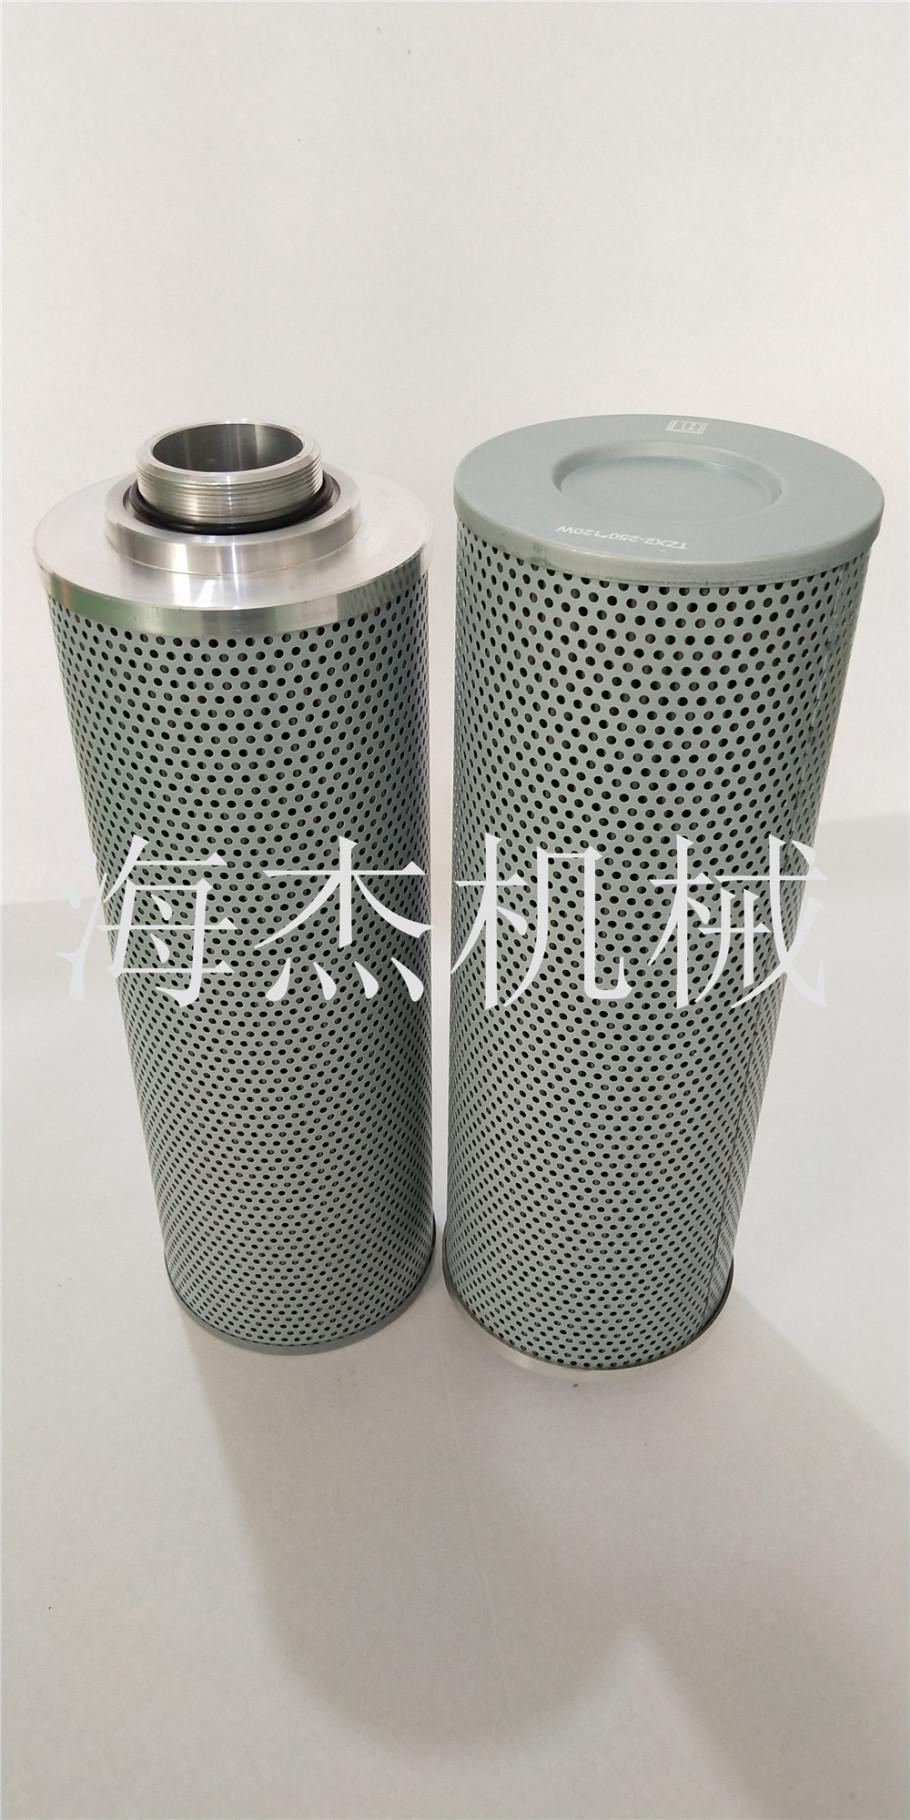 PLF-H110×10P壓力管路過濾器  黎明761665452